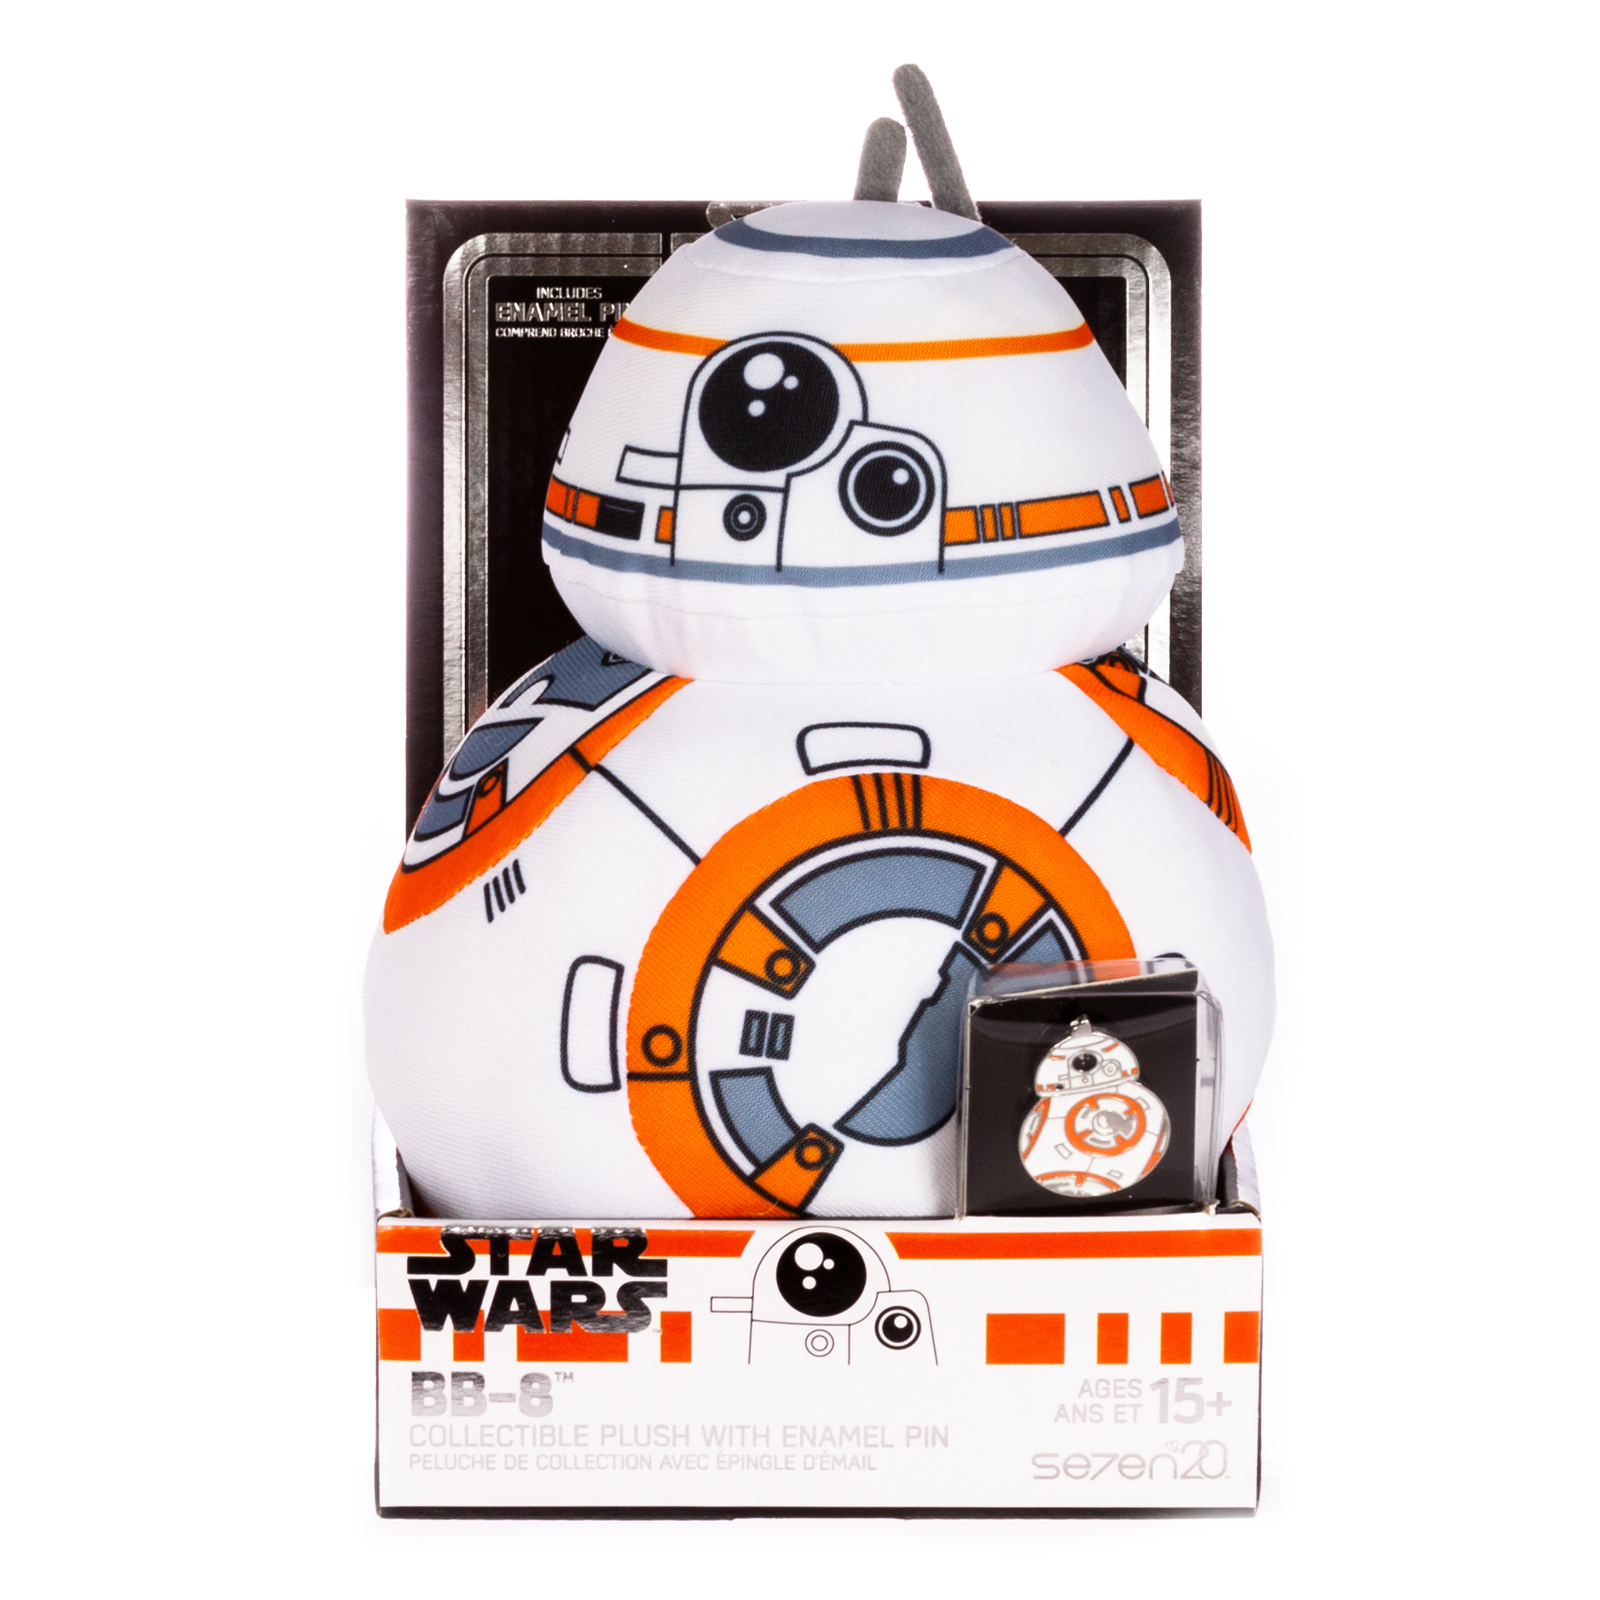 TROS BB-8 Plush Toy & Pin Set 1